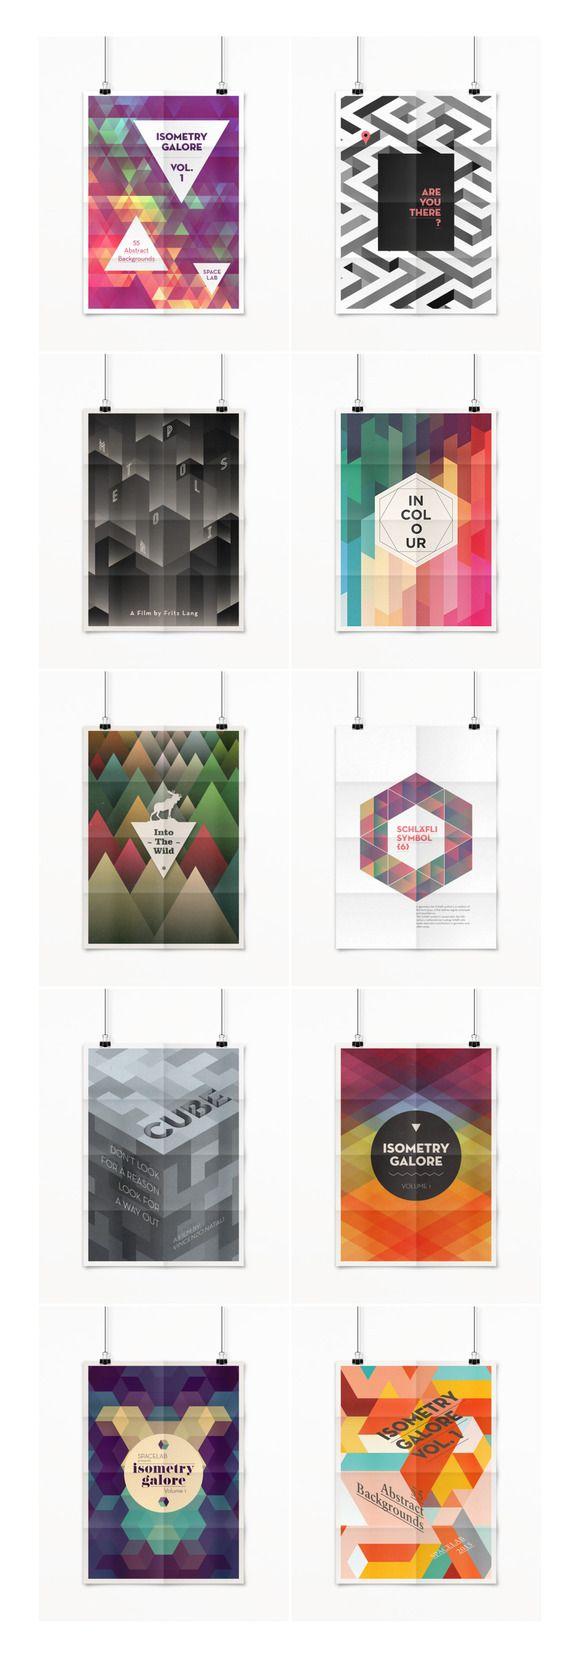 10 Brilliant Graphic Design Trends of 2016